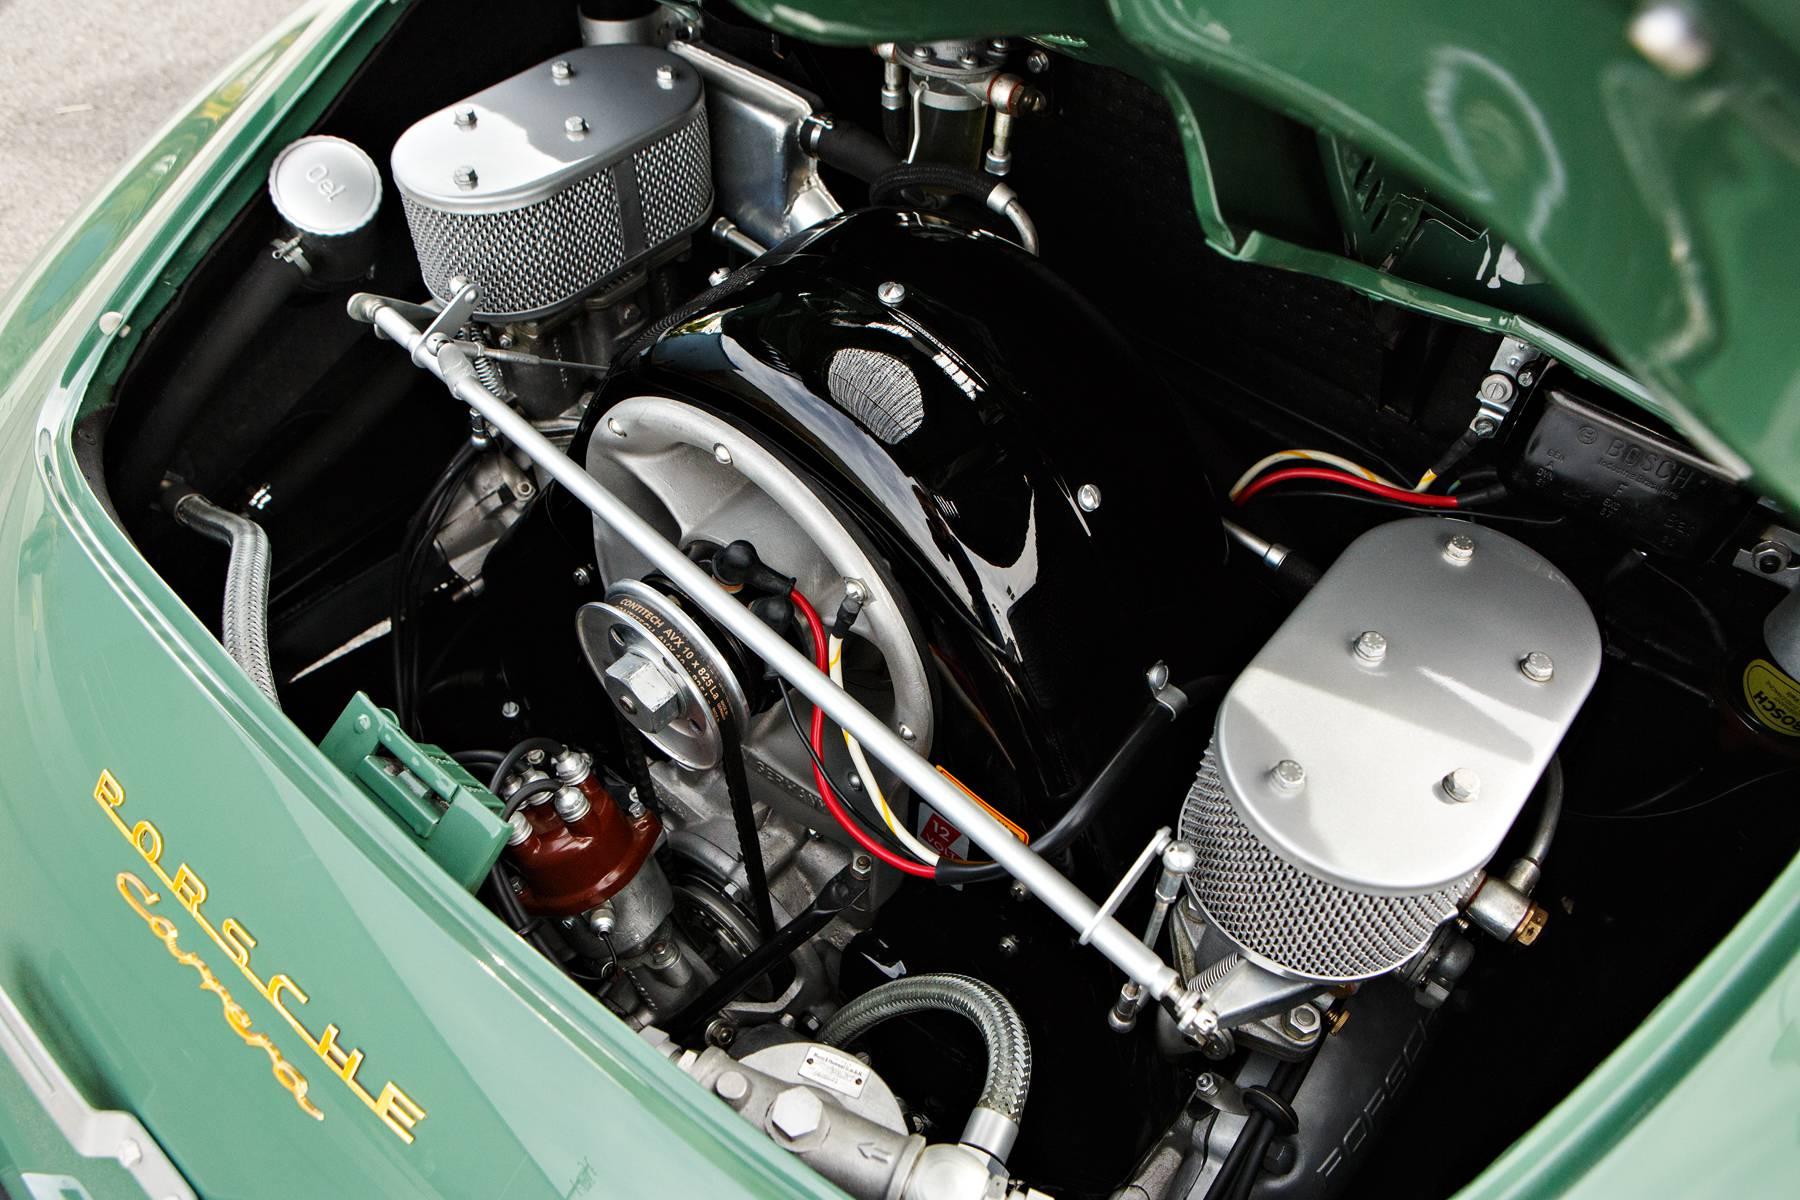 1958 Porsche 356 A 1500 GS/GT Carrera Speedster engine